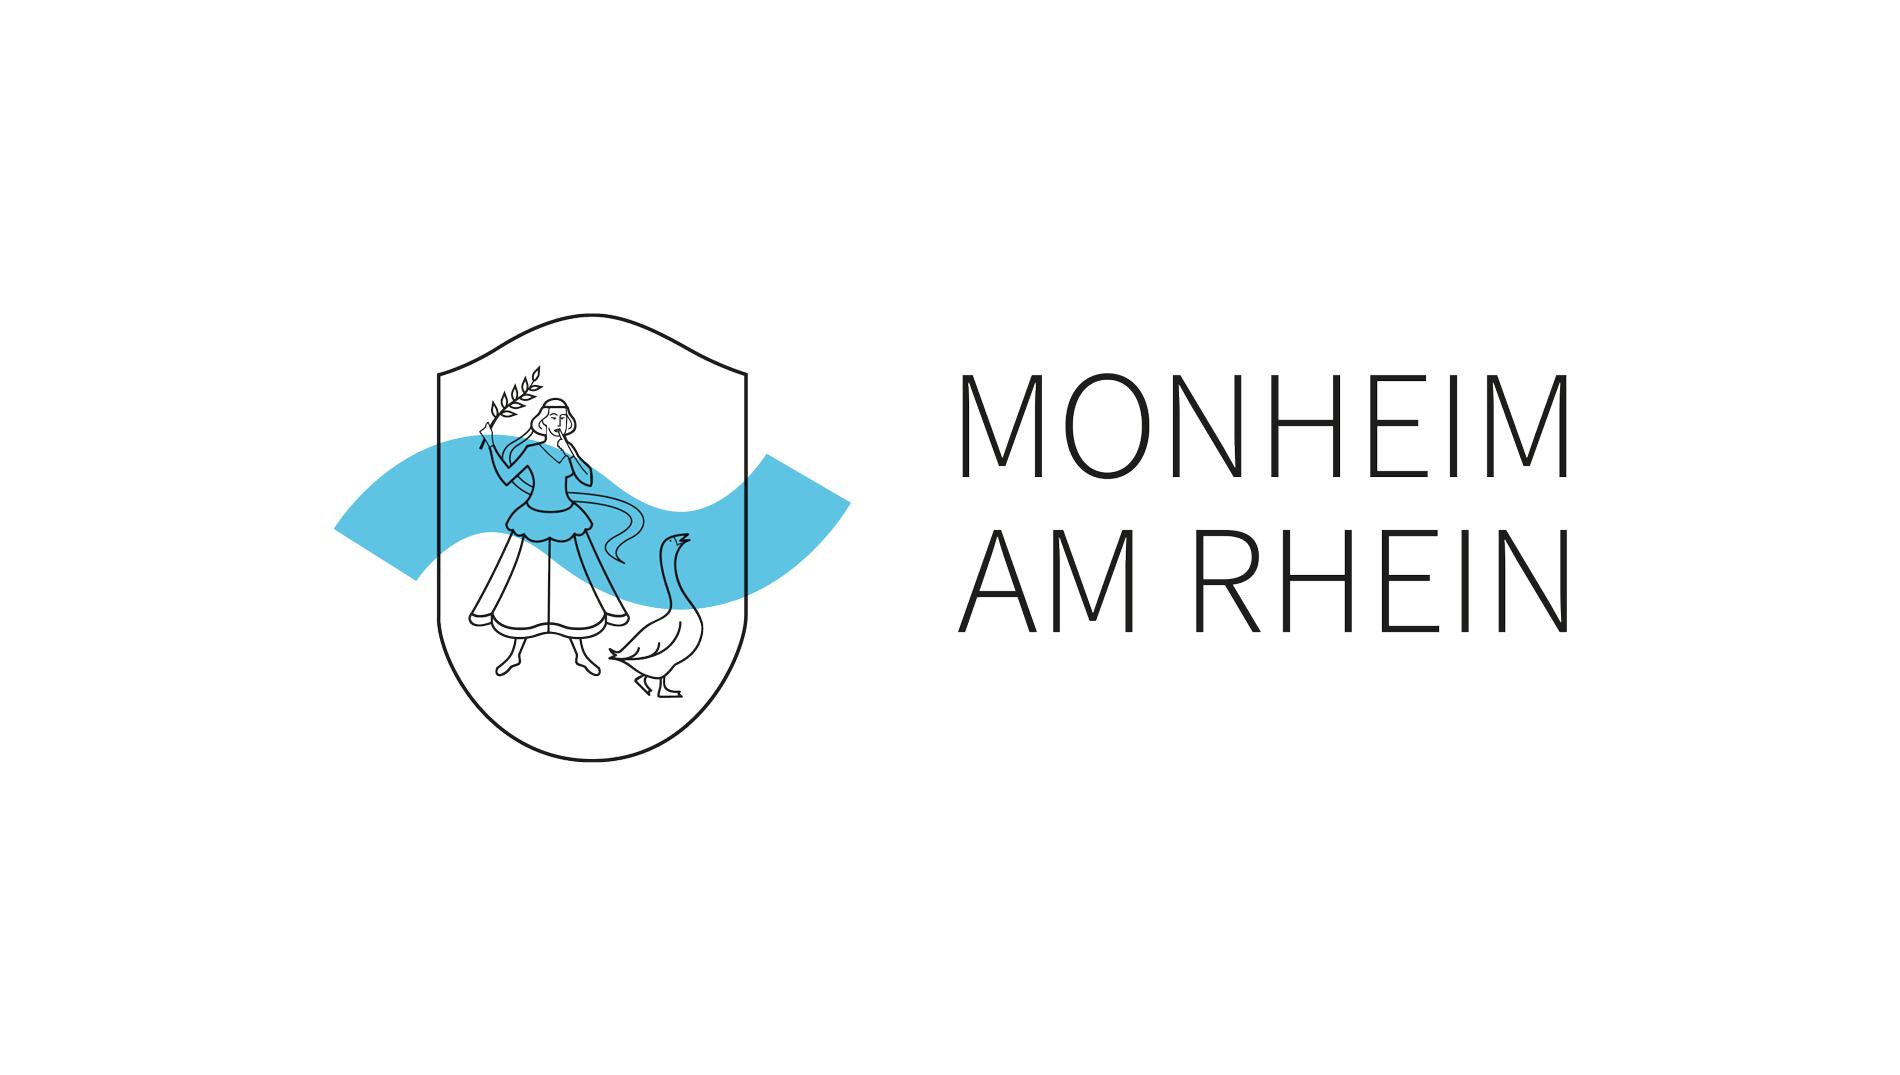 Monheim am Rhein Corporate Design Logo